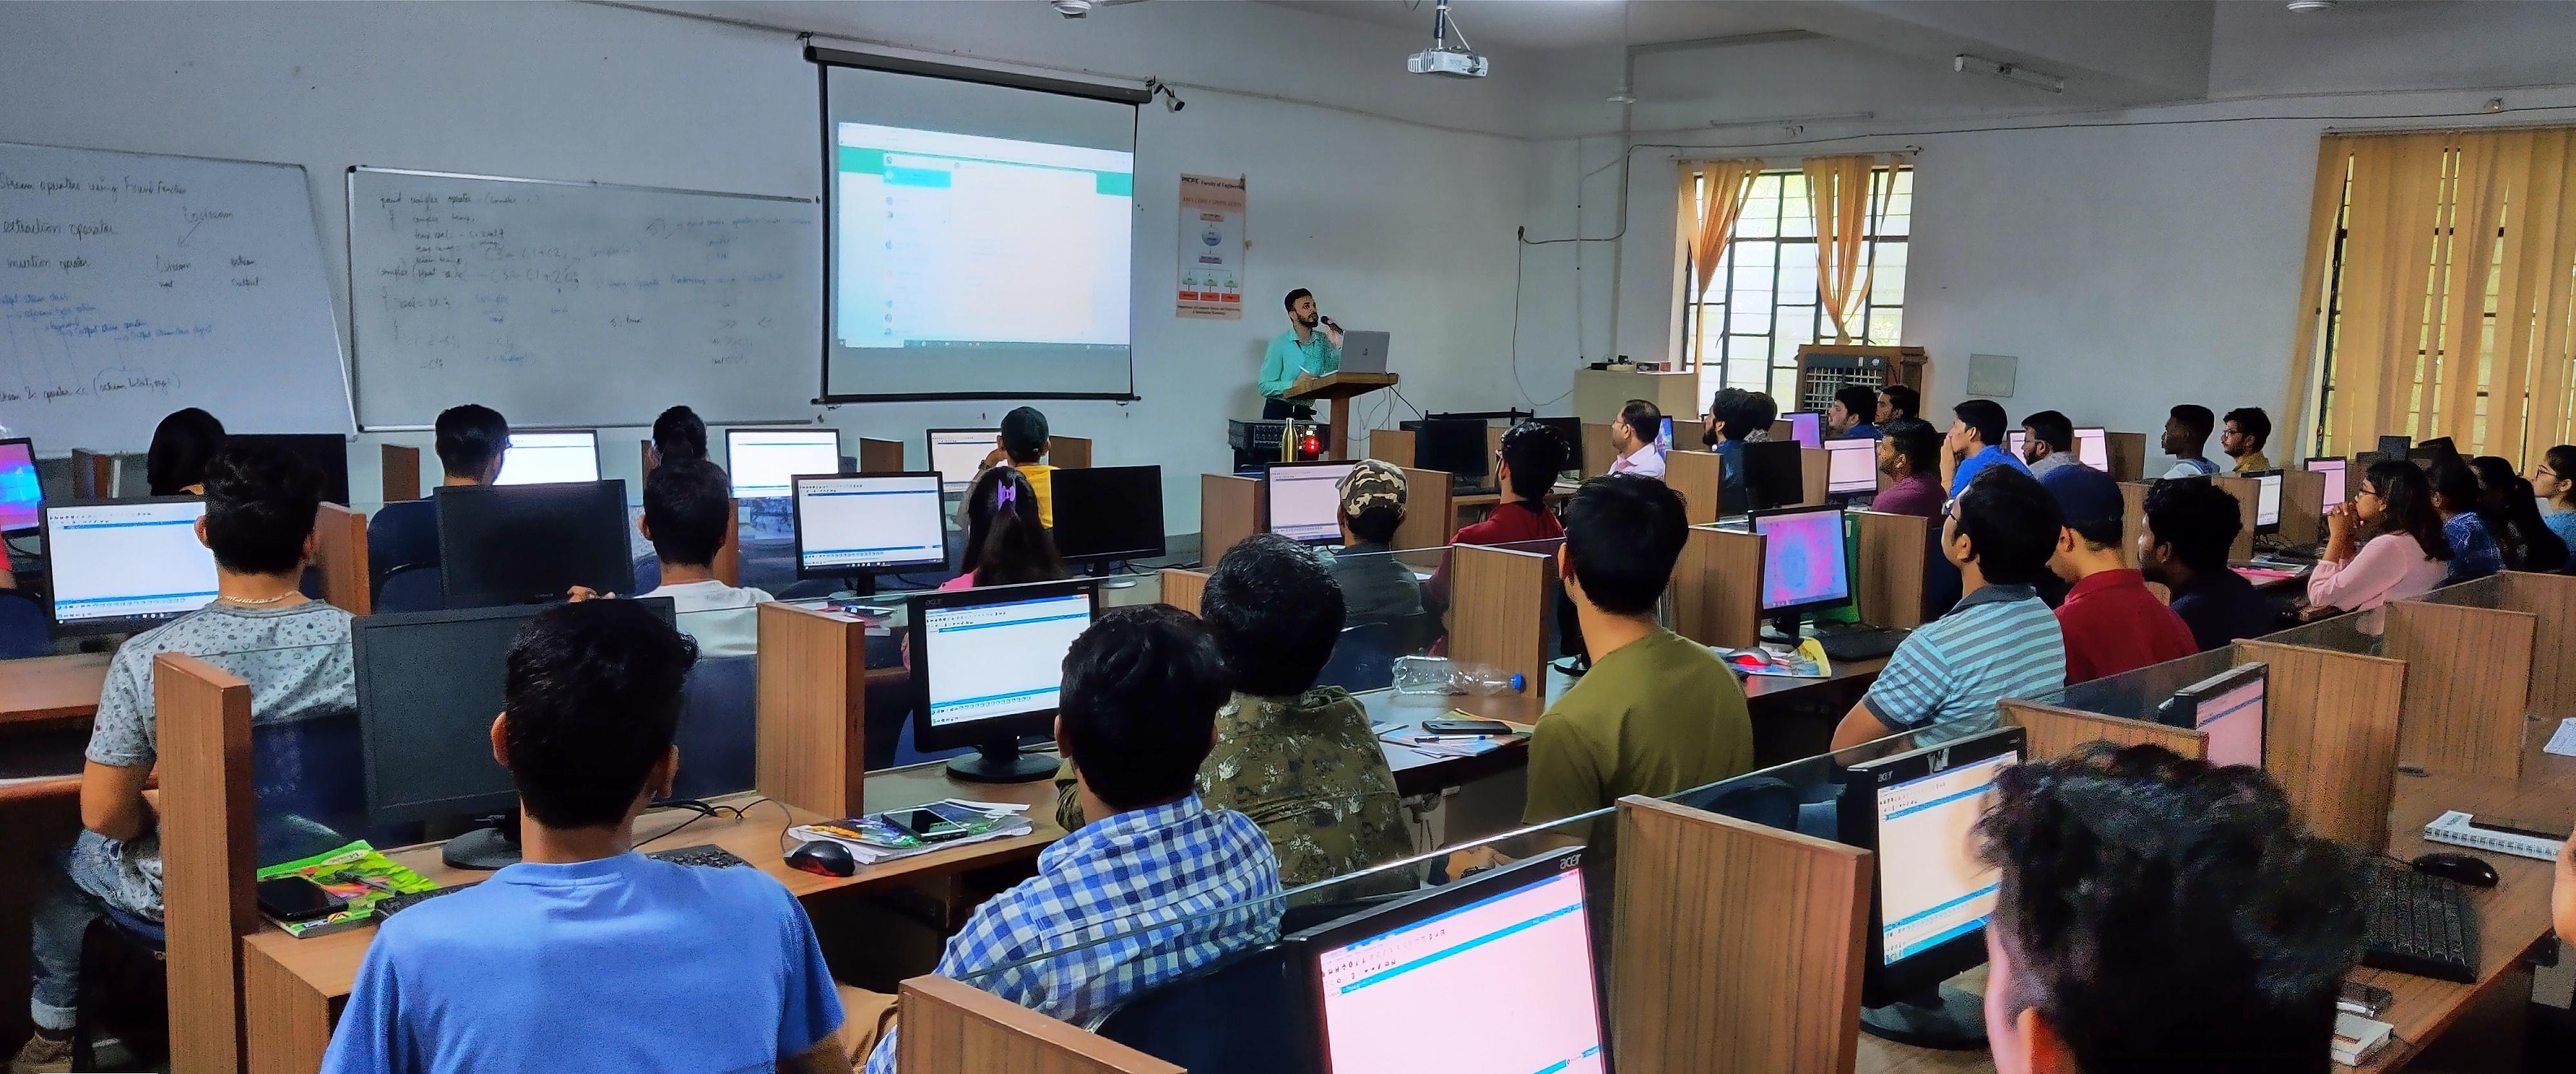 फैकल्टी ऑफ़ इंजीनियरिंग,एक दिवसीय कार्यशाला का आयोजन